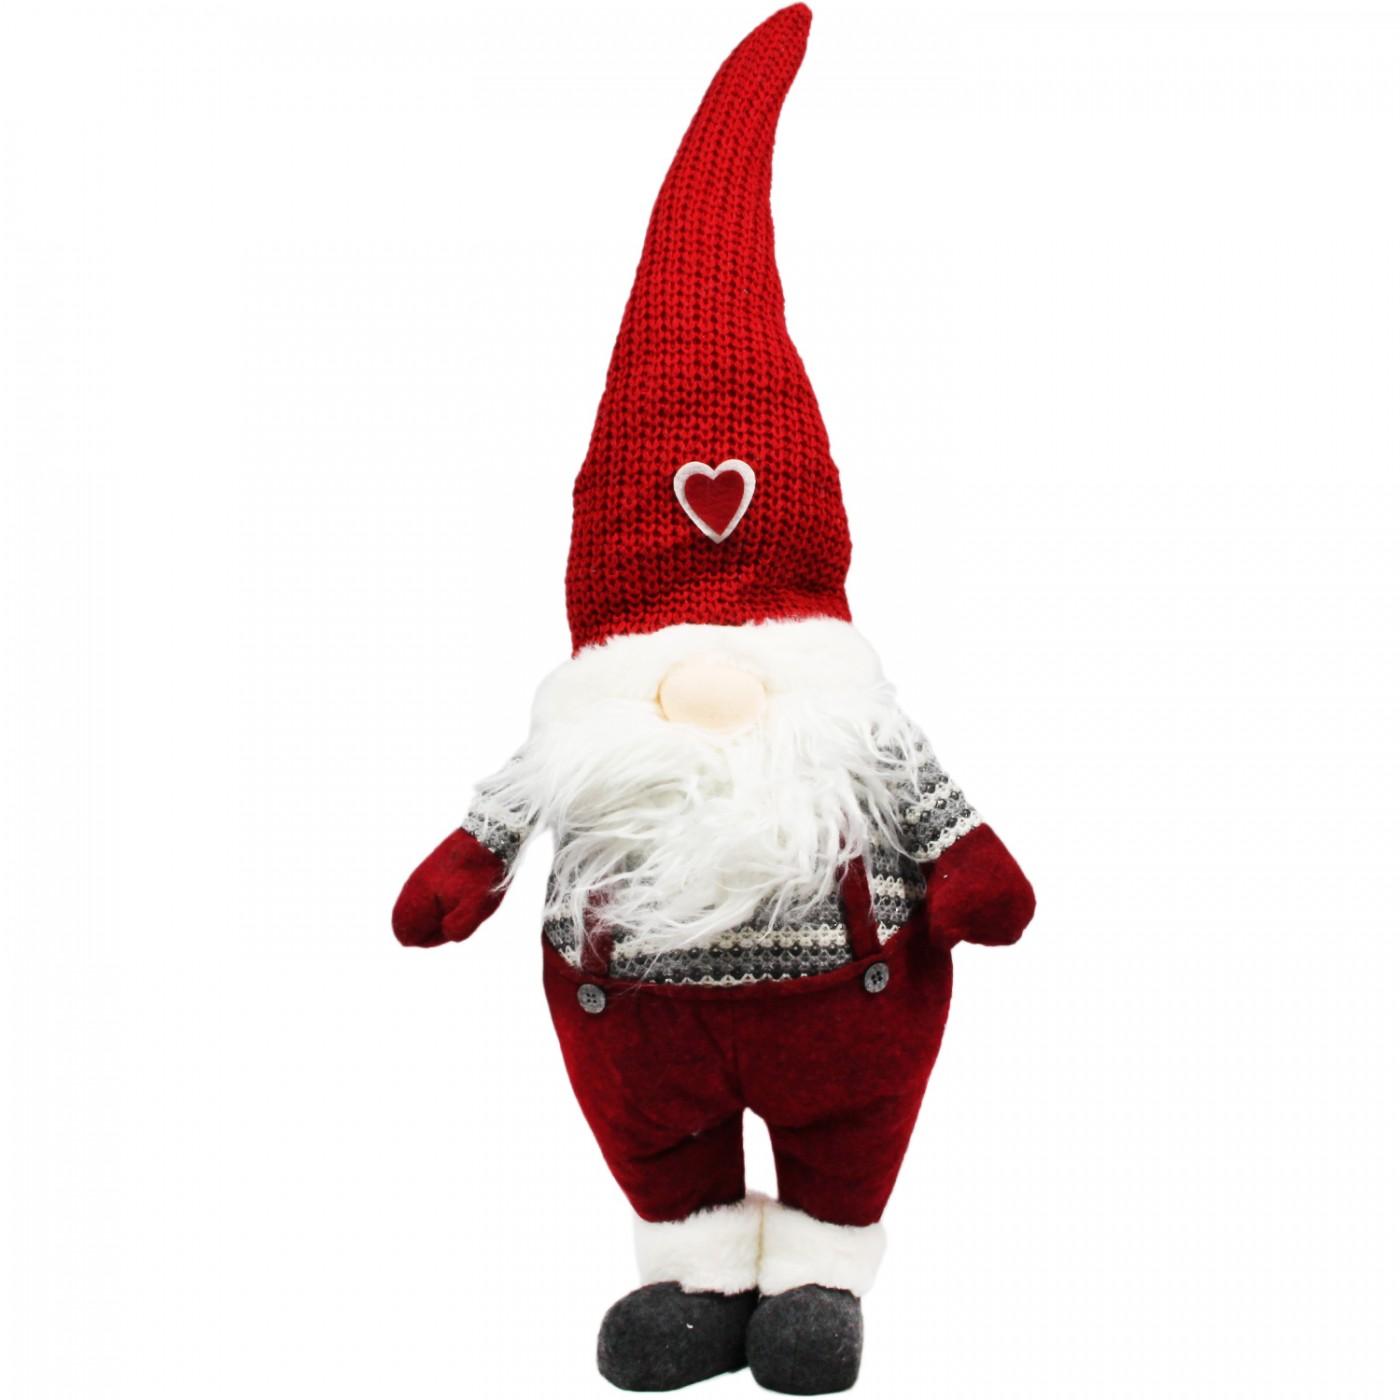 Figurka pluszowa Mikołaj z czapką duża 70 cm